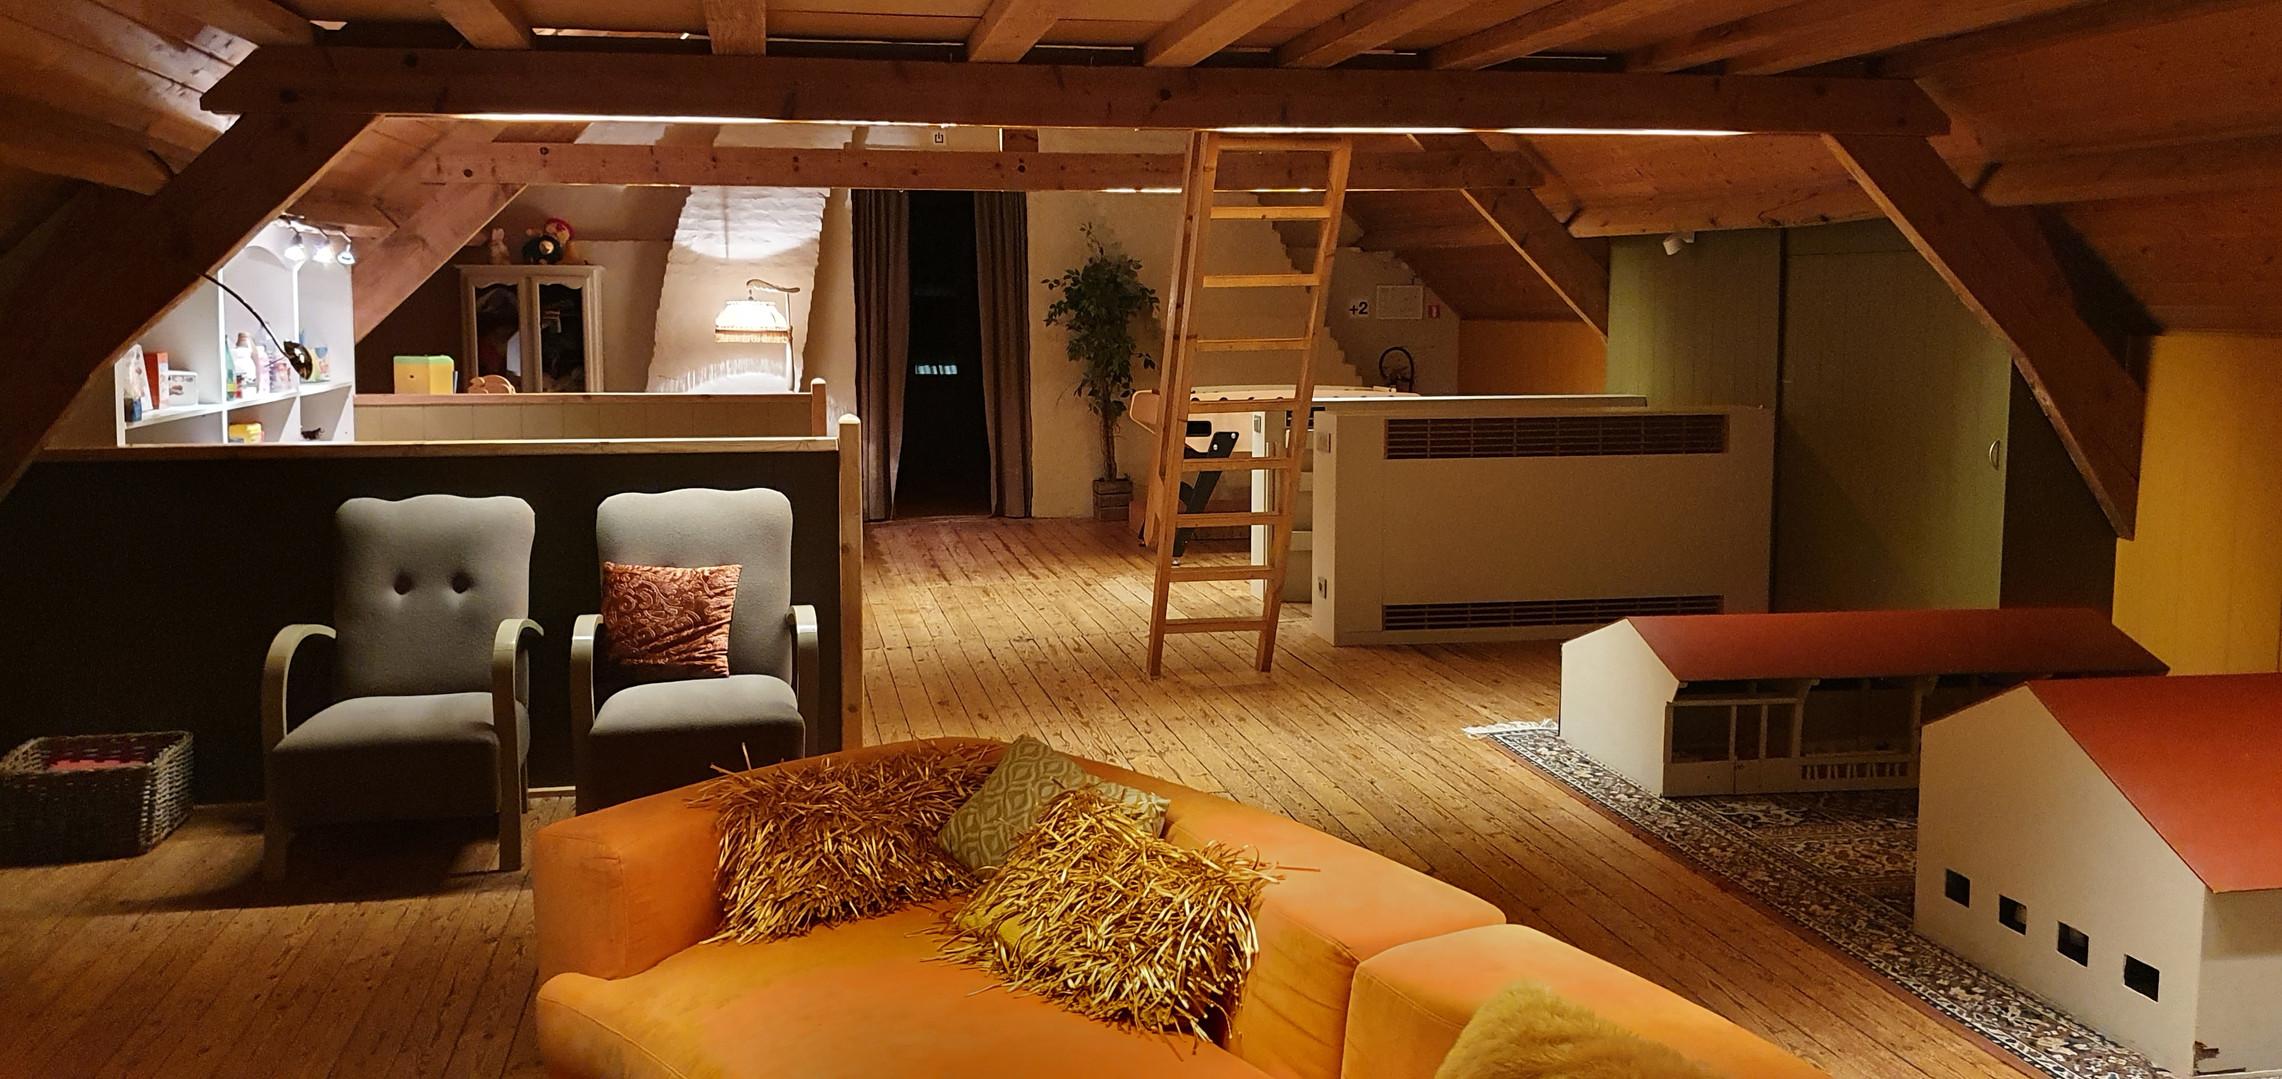 Hoeve-Maedelstede-bed&breakfast-boerderi